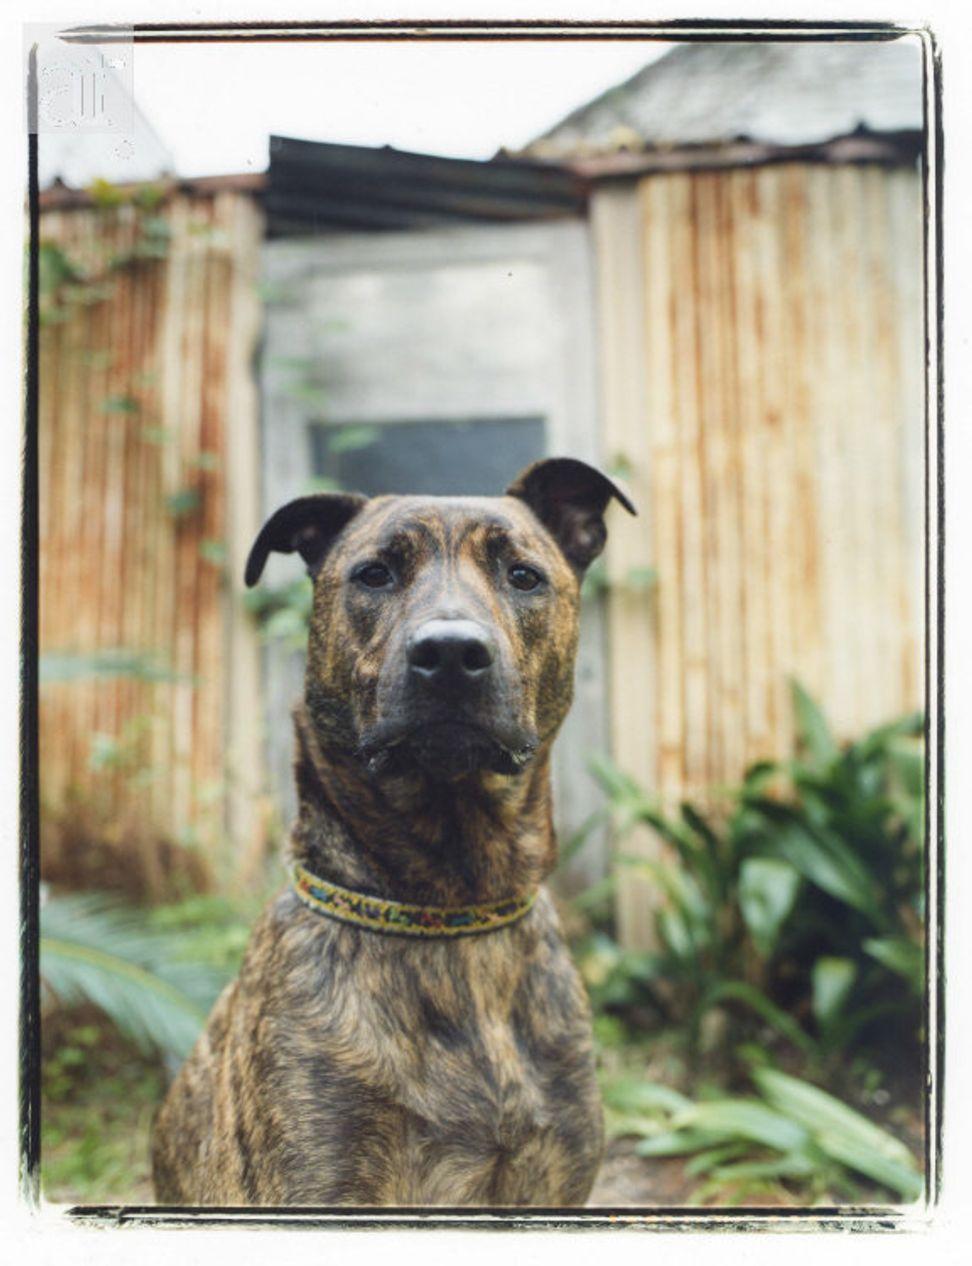 Ten amazing memories: Heartwarming stories of my dog, Brando (2000-2013)